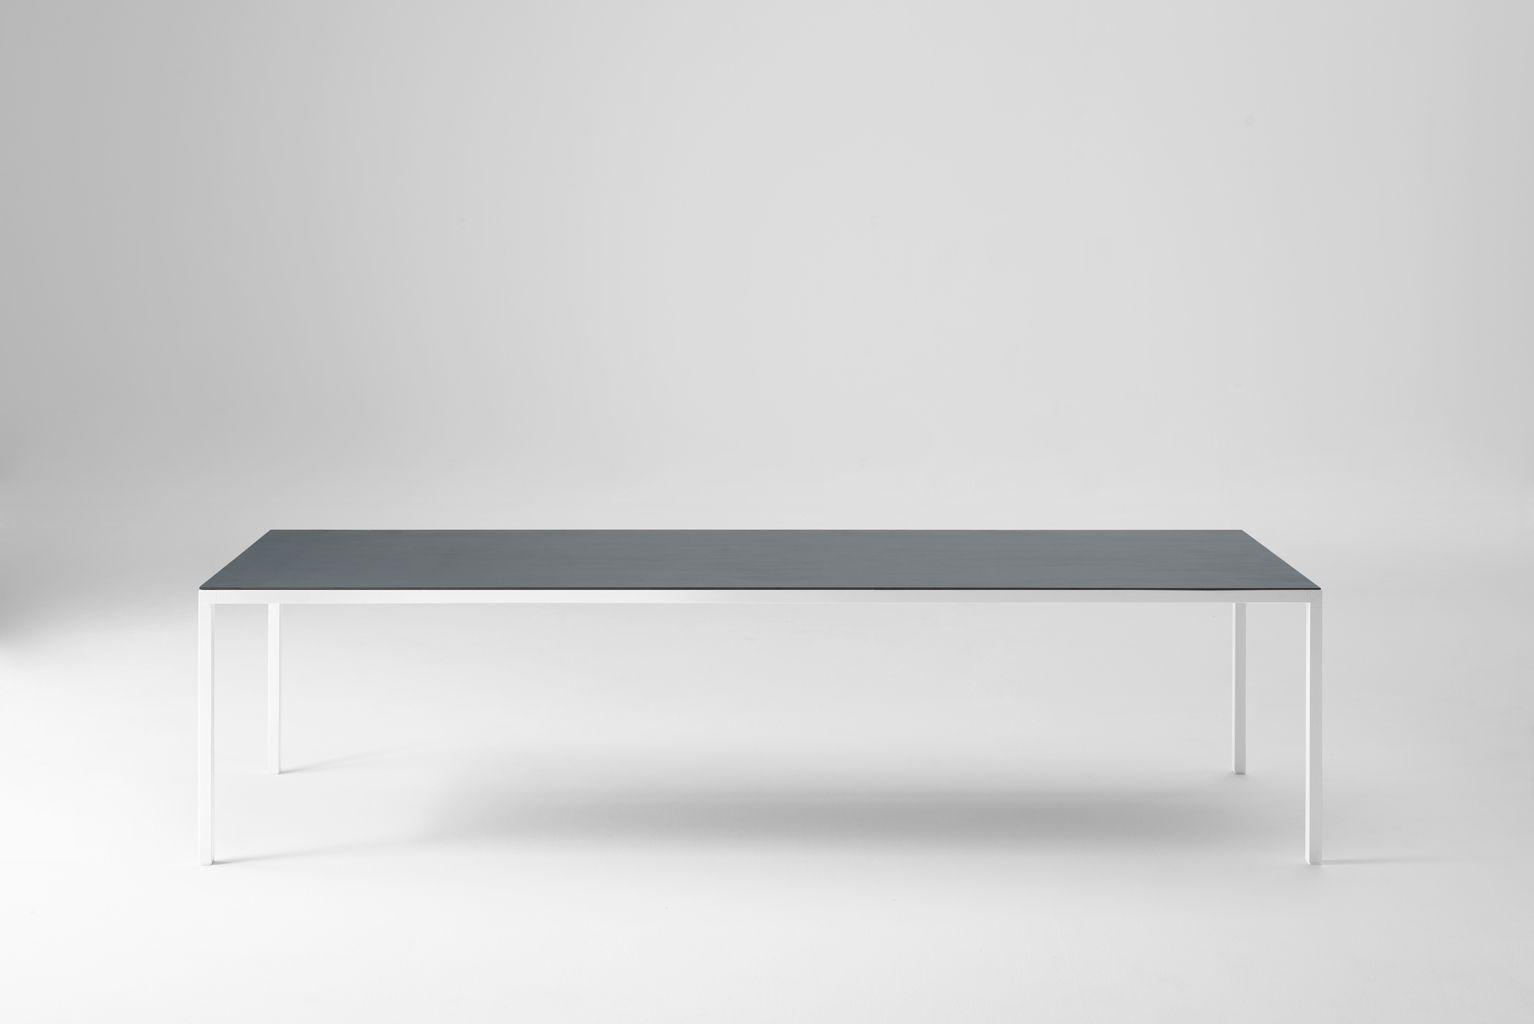 Tavolo Desalto ~ Desalto u003e tavoli u003e helsinki u003e helsinki 30 tavolo circolare